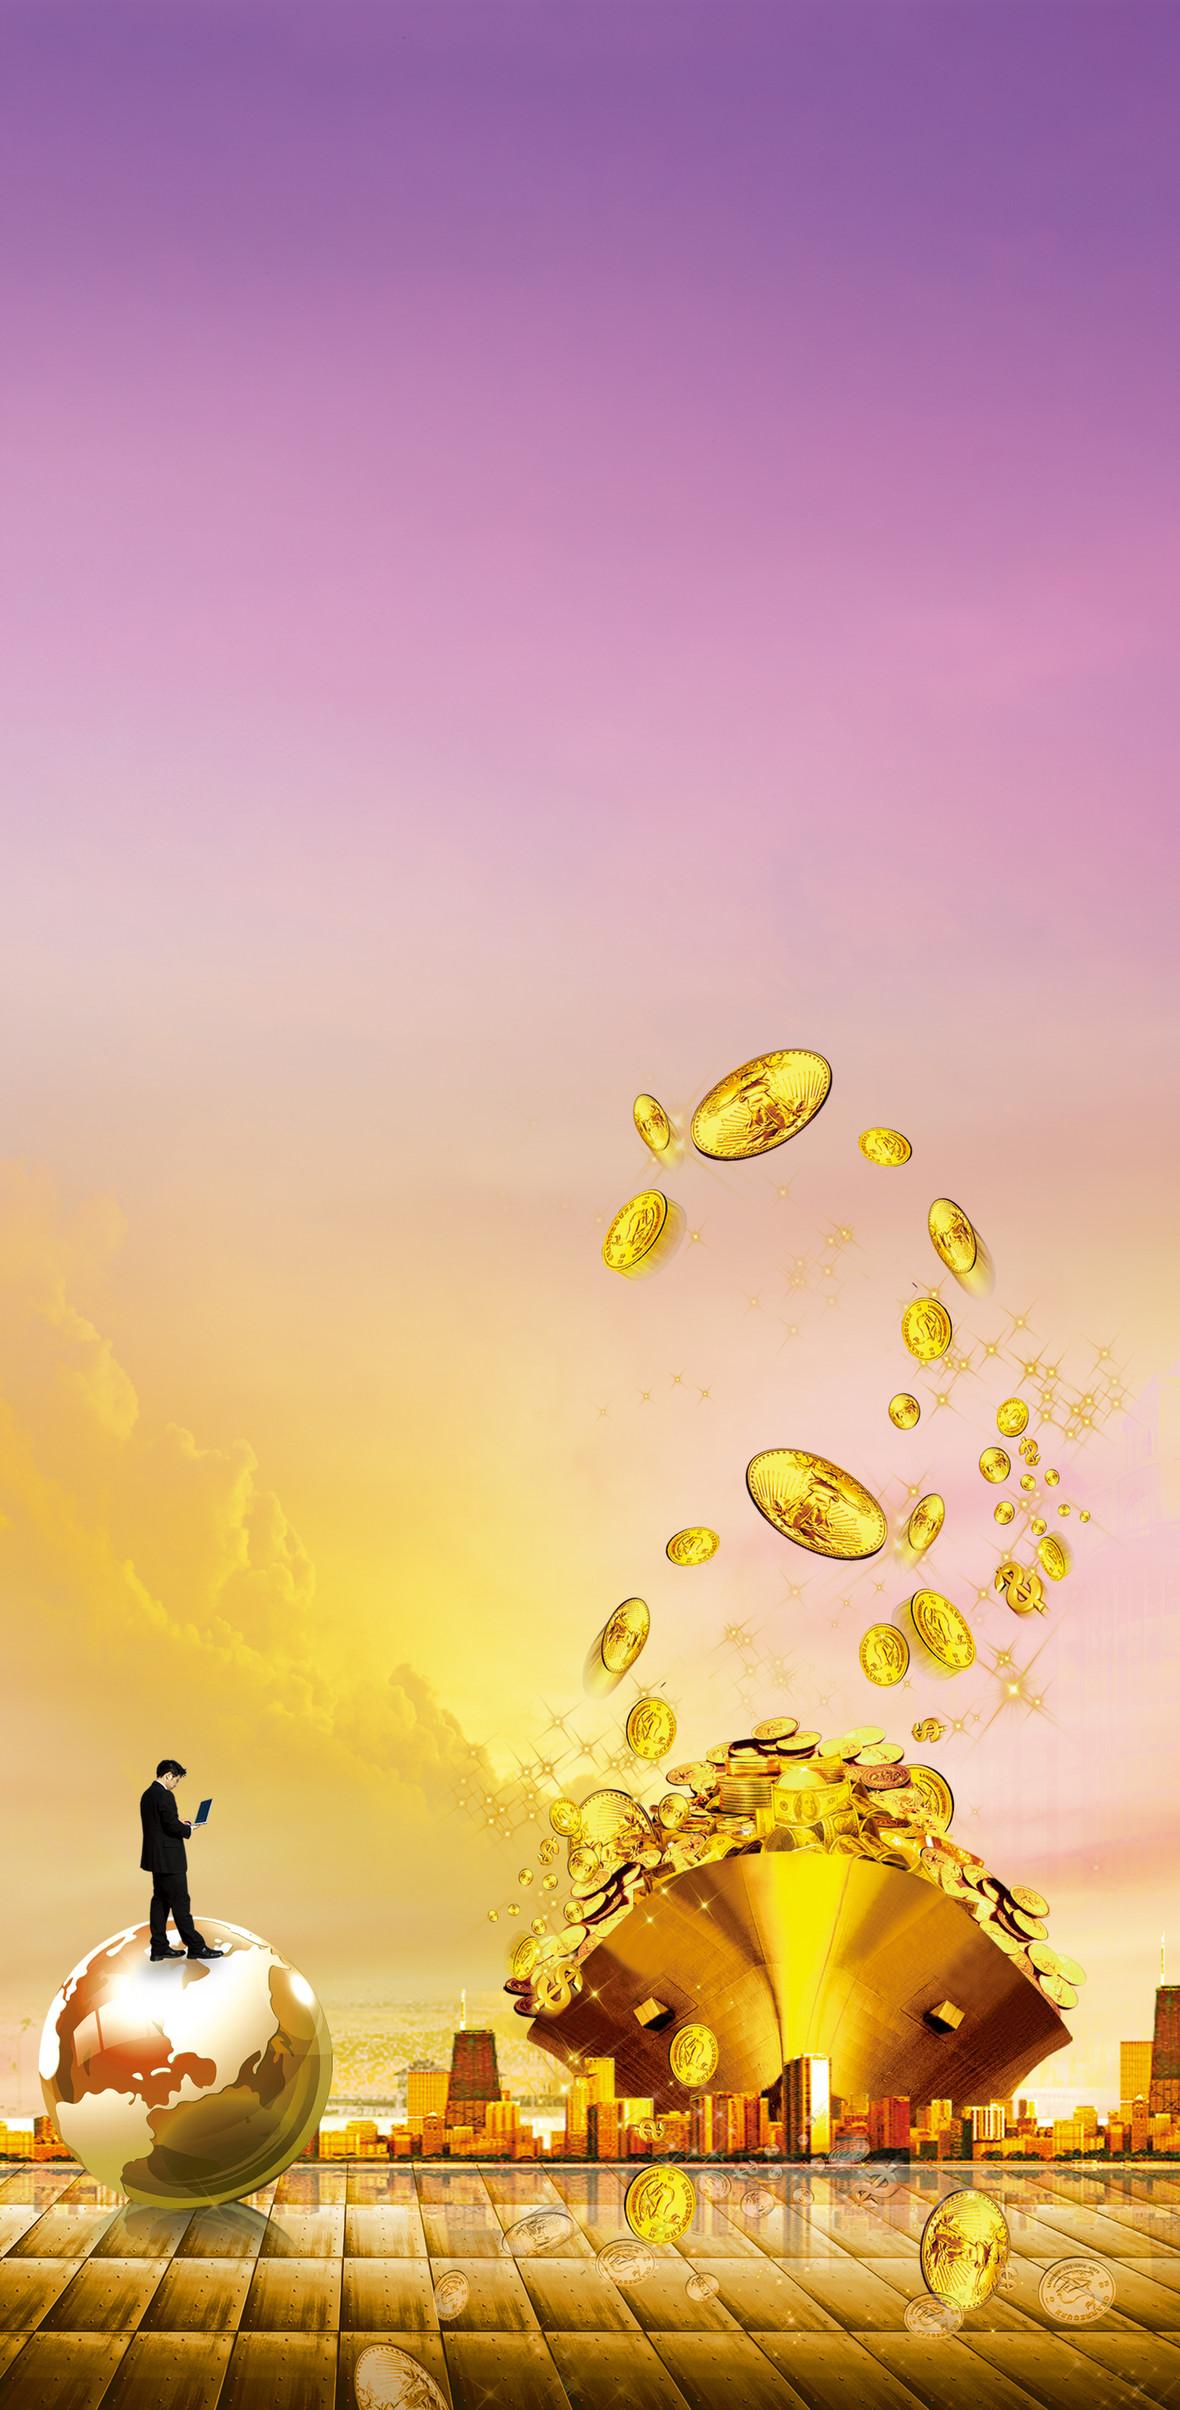 金融商业金币海报背景素材